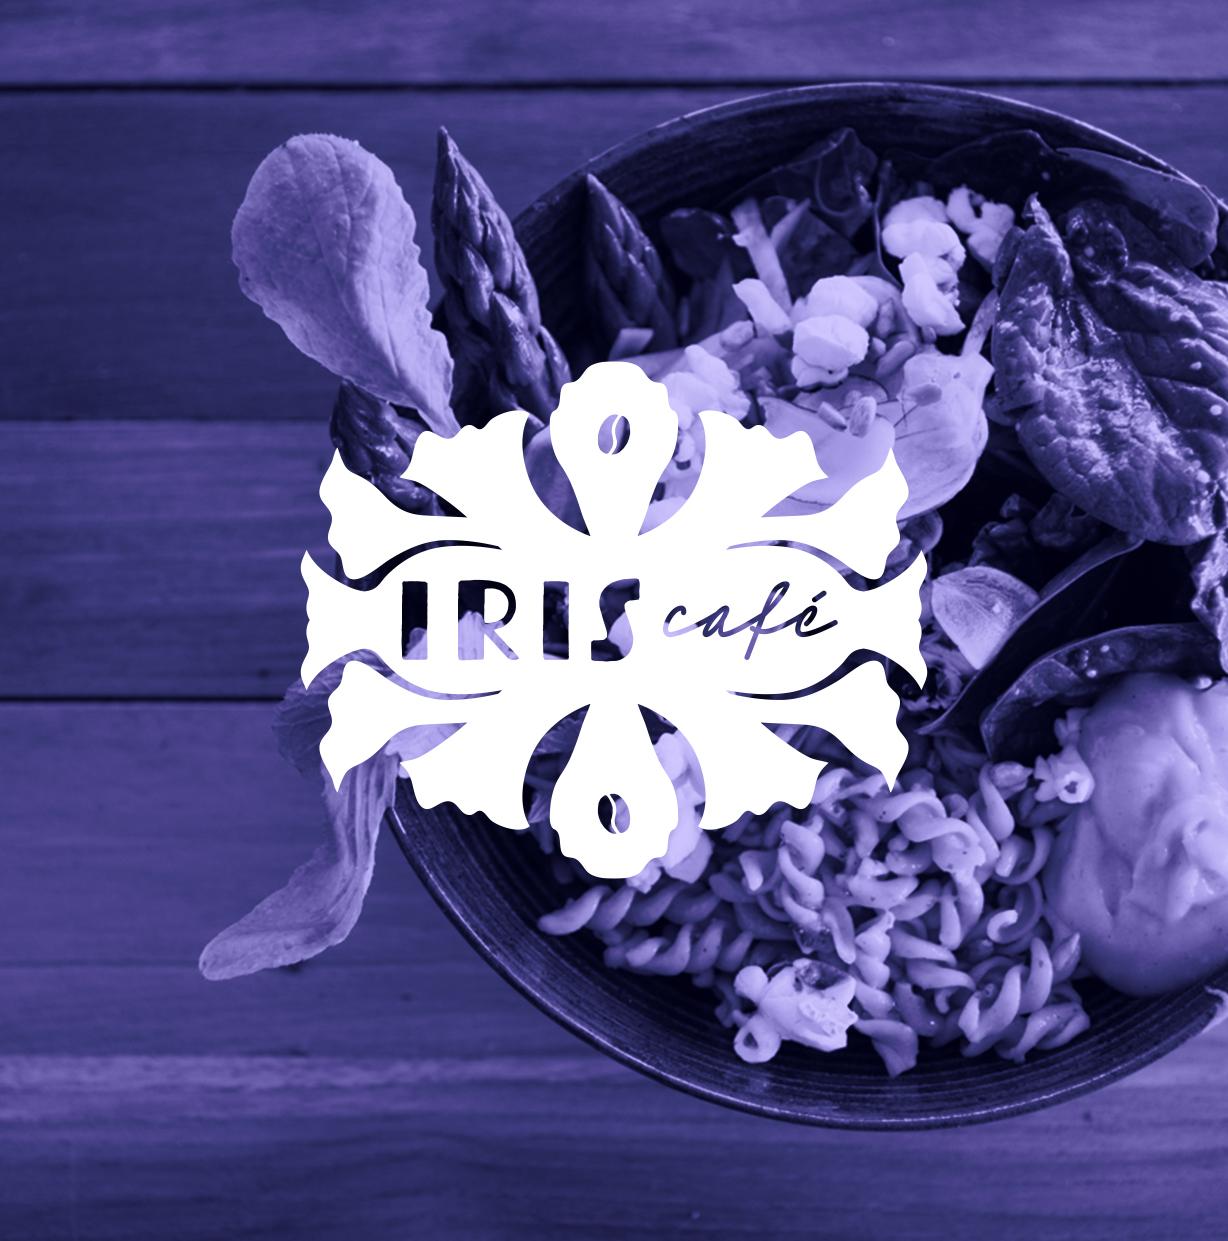 iris café Bardigues logotype identité graphique